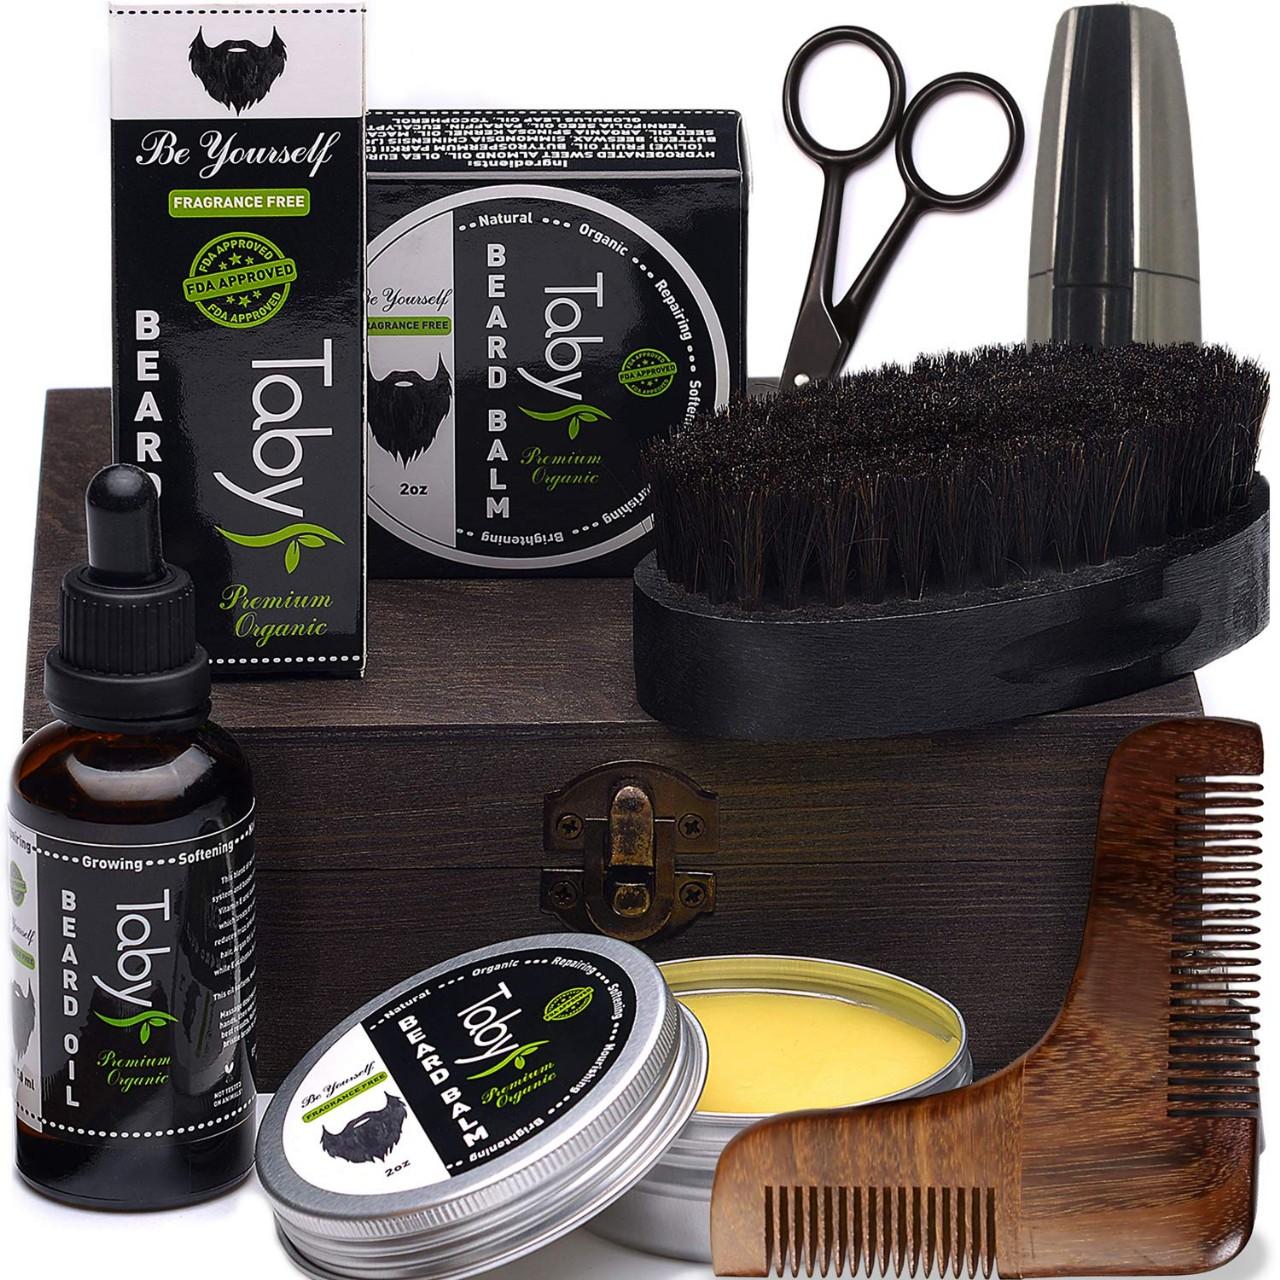 Beard Care Kit, Grooming & Trimming Gift Set for Men Includes - Beard Oil, Beard Balm, Horsehair